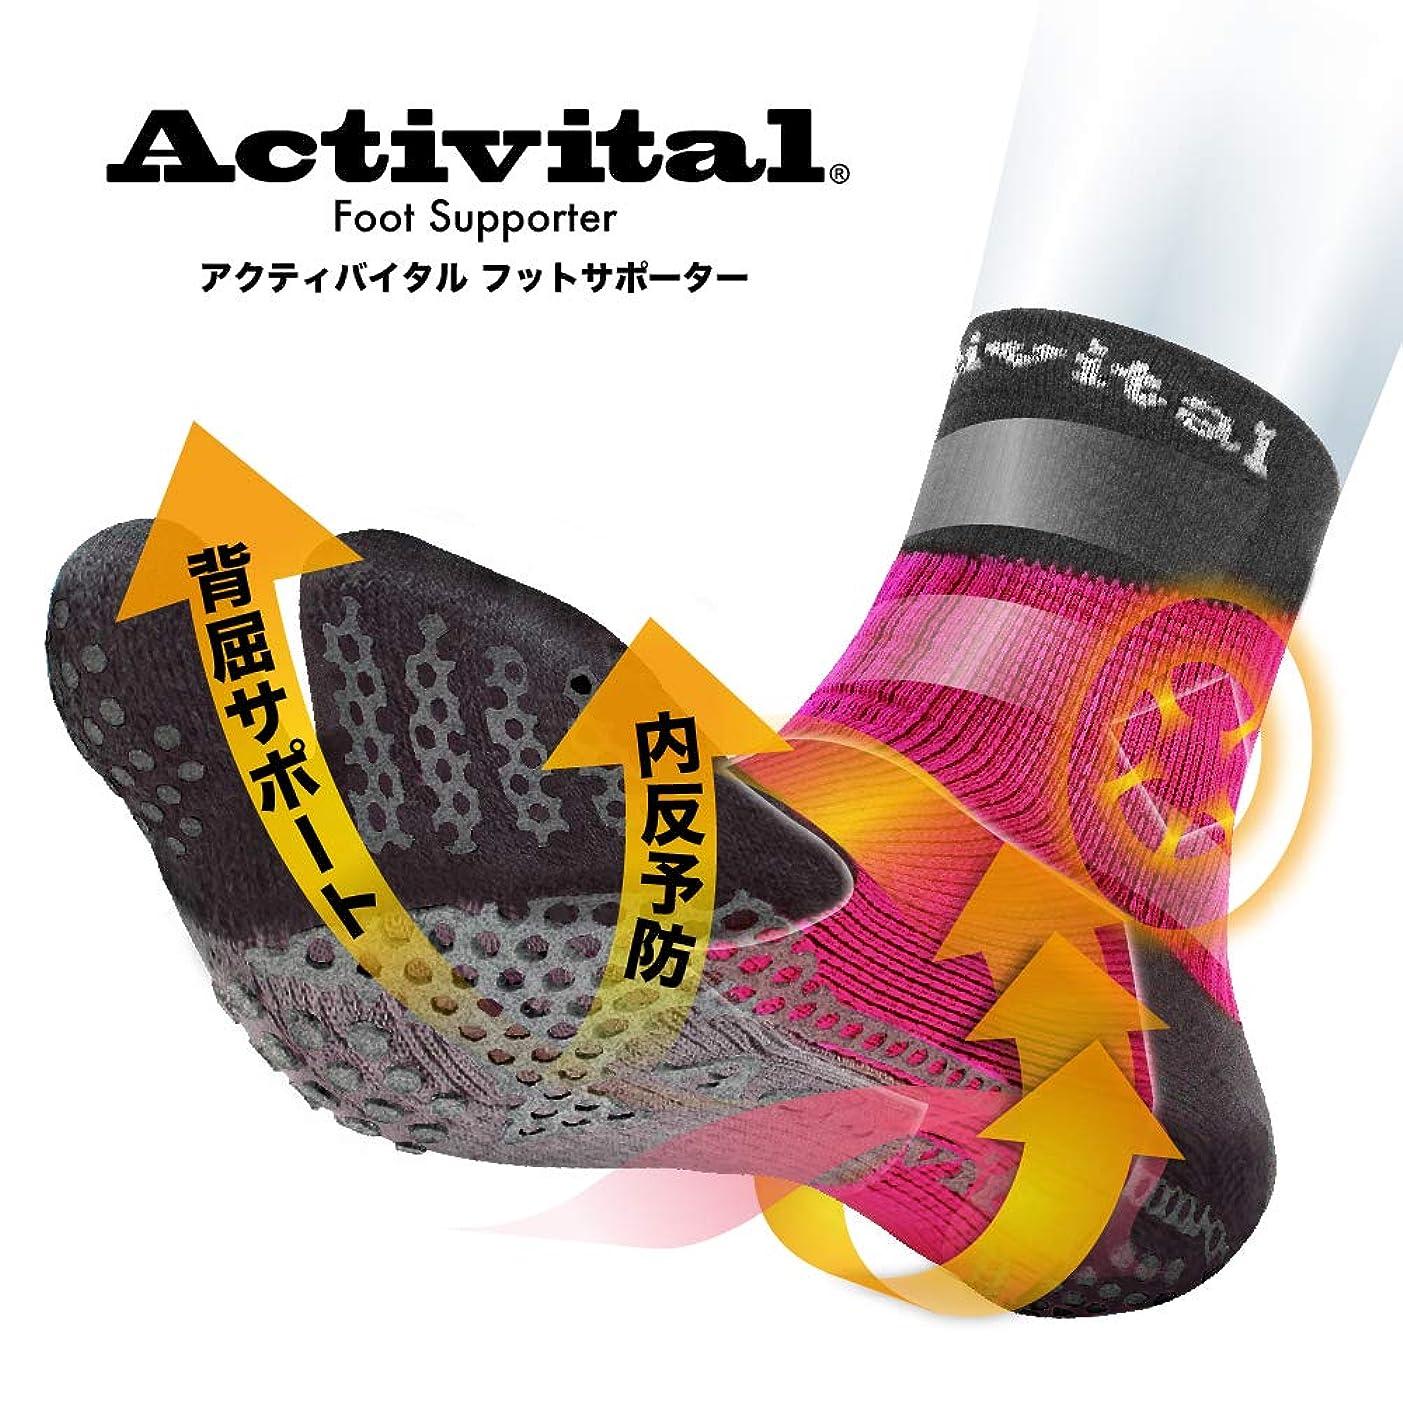 暗殺する動力学悪夢Activital アクティバイタル ツバサプロ フットサポーター レディース グレーピンク 22.5~25.5cm